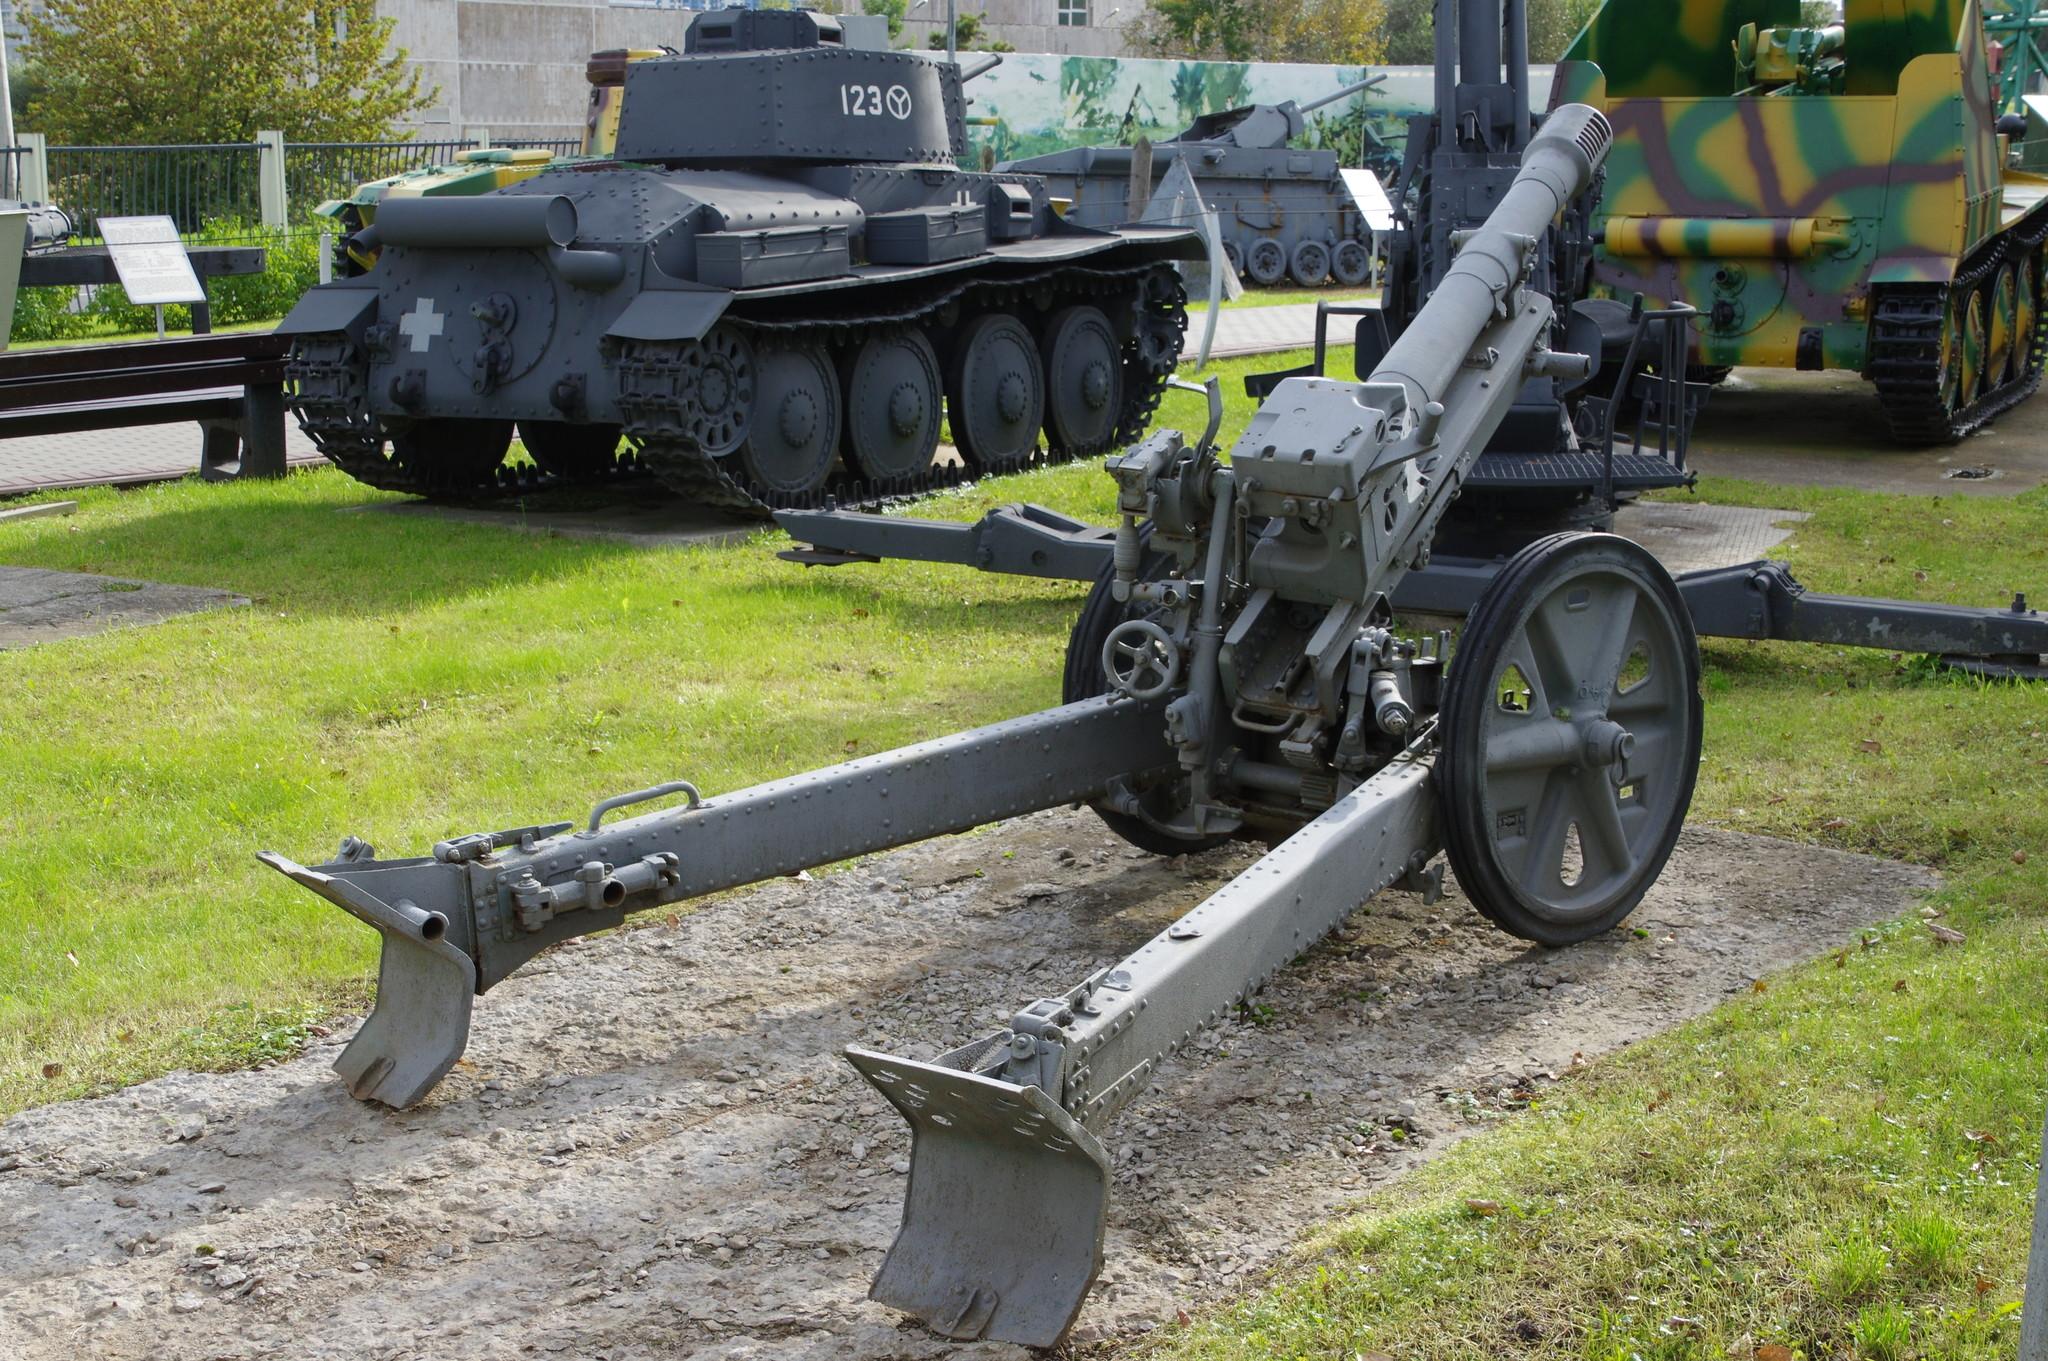 7,5 cm Gebirgsgeschütz 36 (75 мм горное орудие образца 1936 года) в экспозиции Центрального музея Великой Отечественной войны 1941-1945 гг.